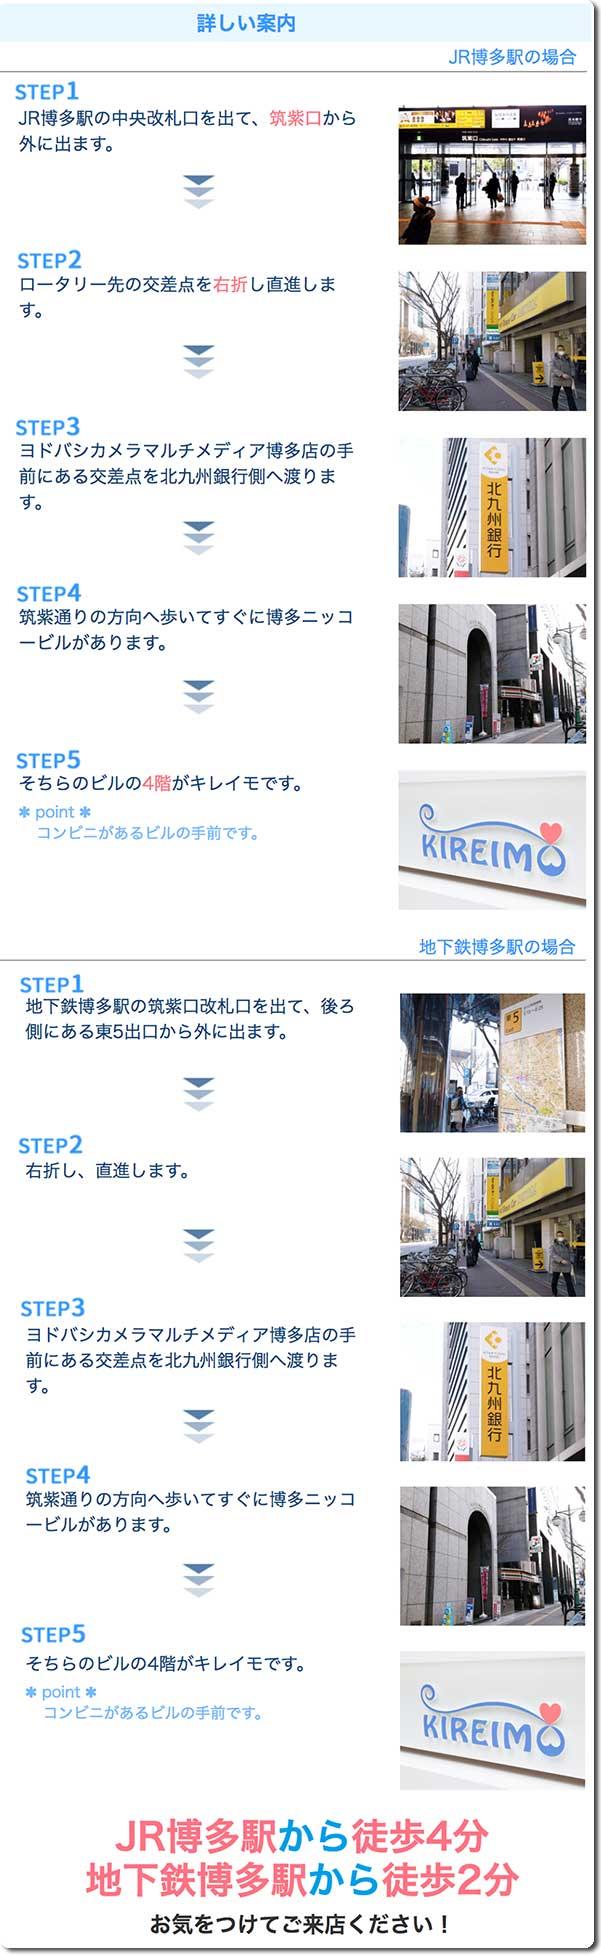 キレイモ博多駅前店までの行き方